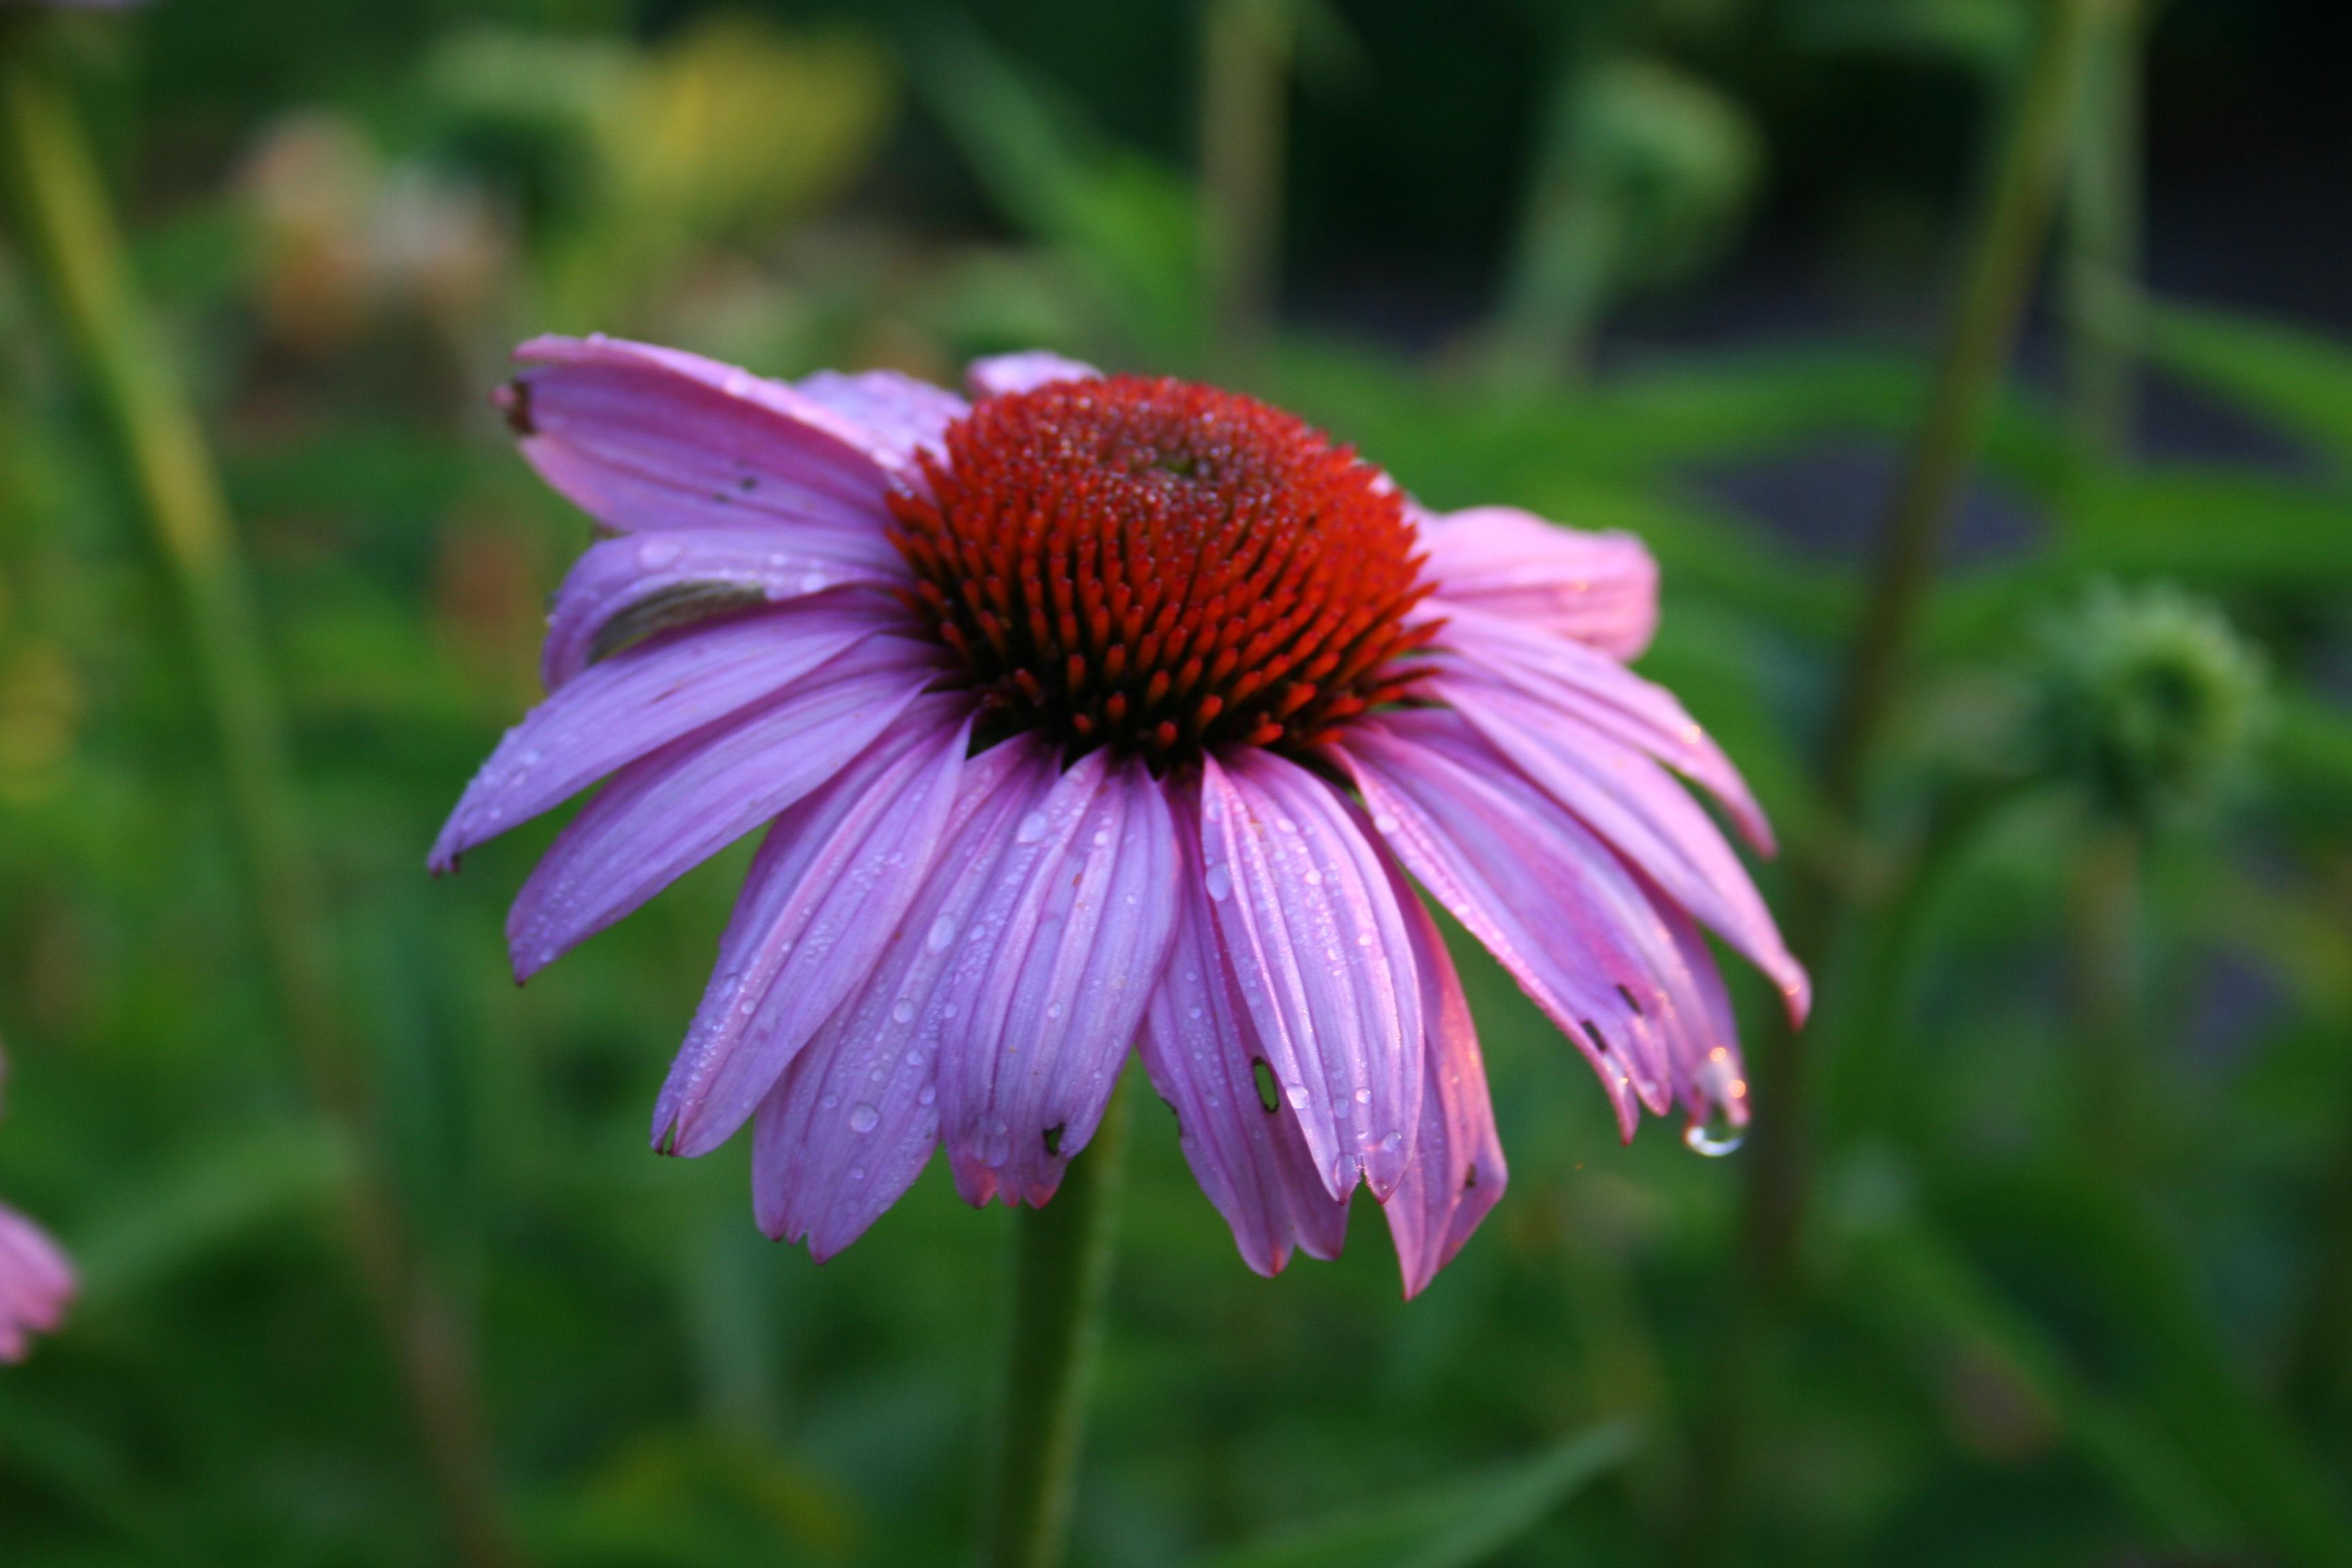 Hierbas ornamentales tolerantes a la sombra y plantas semejantes a hierbas | Más allá de Impatiens y Petunias | Extensión de U de I